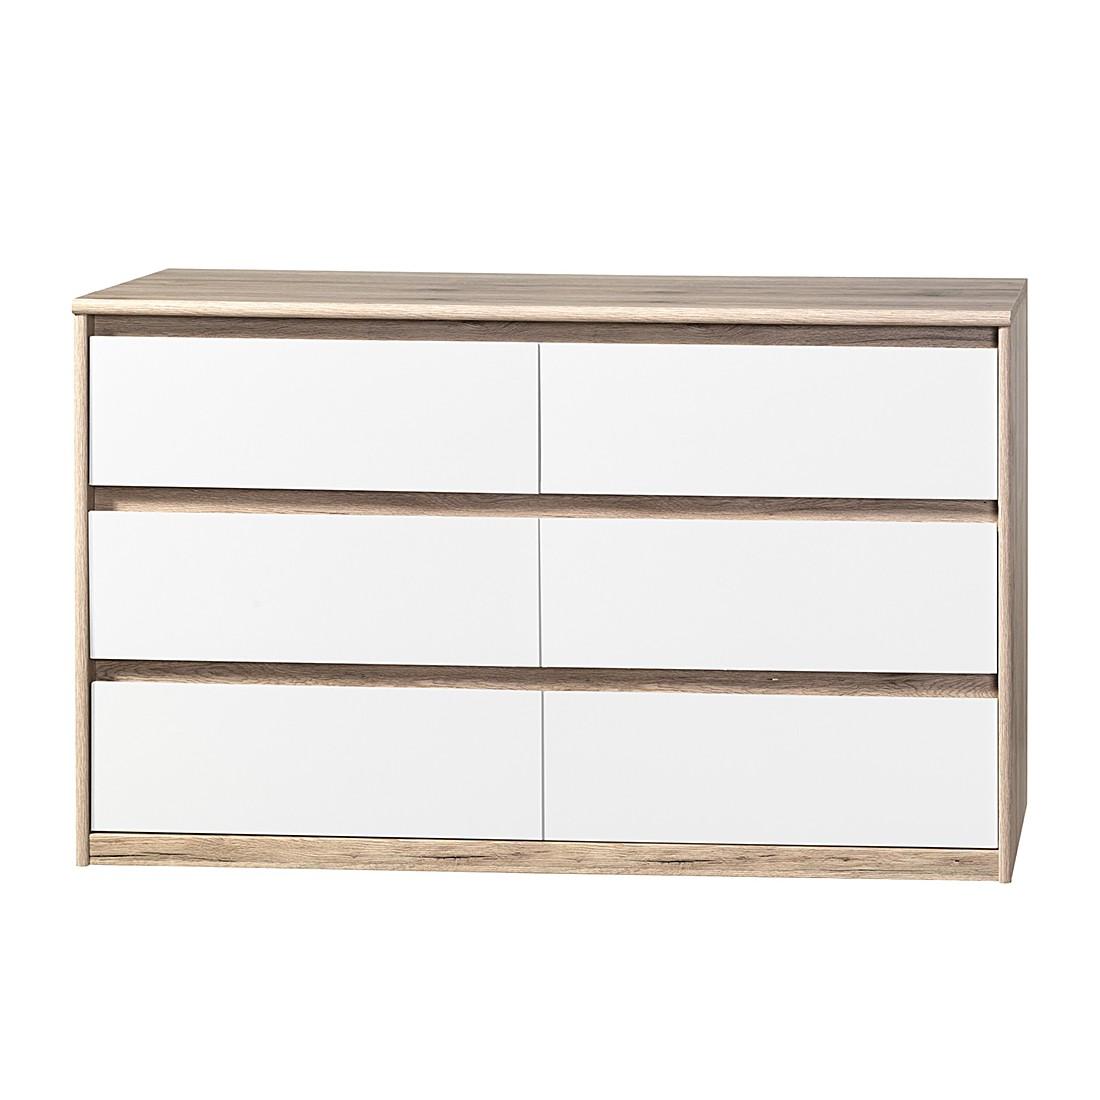 sideboard lindholm v wei dekor eiche massiv m rteens. Black Bedroom Furniture Sets. Home Design Ideas